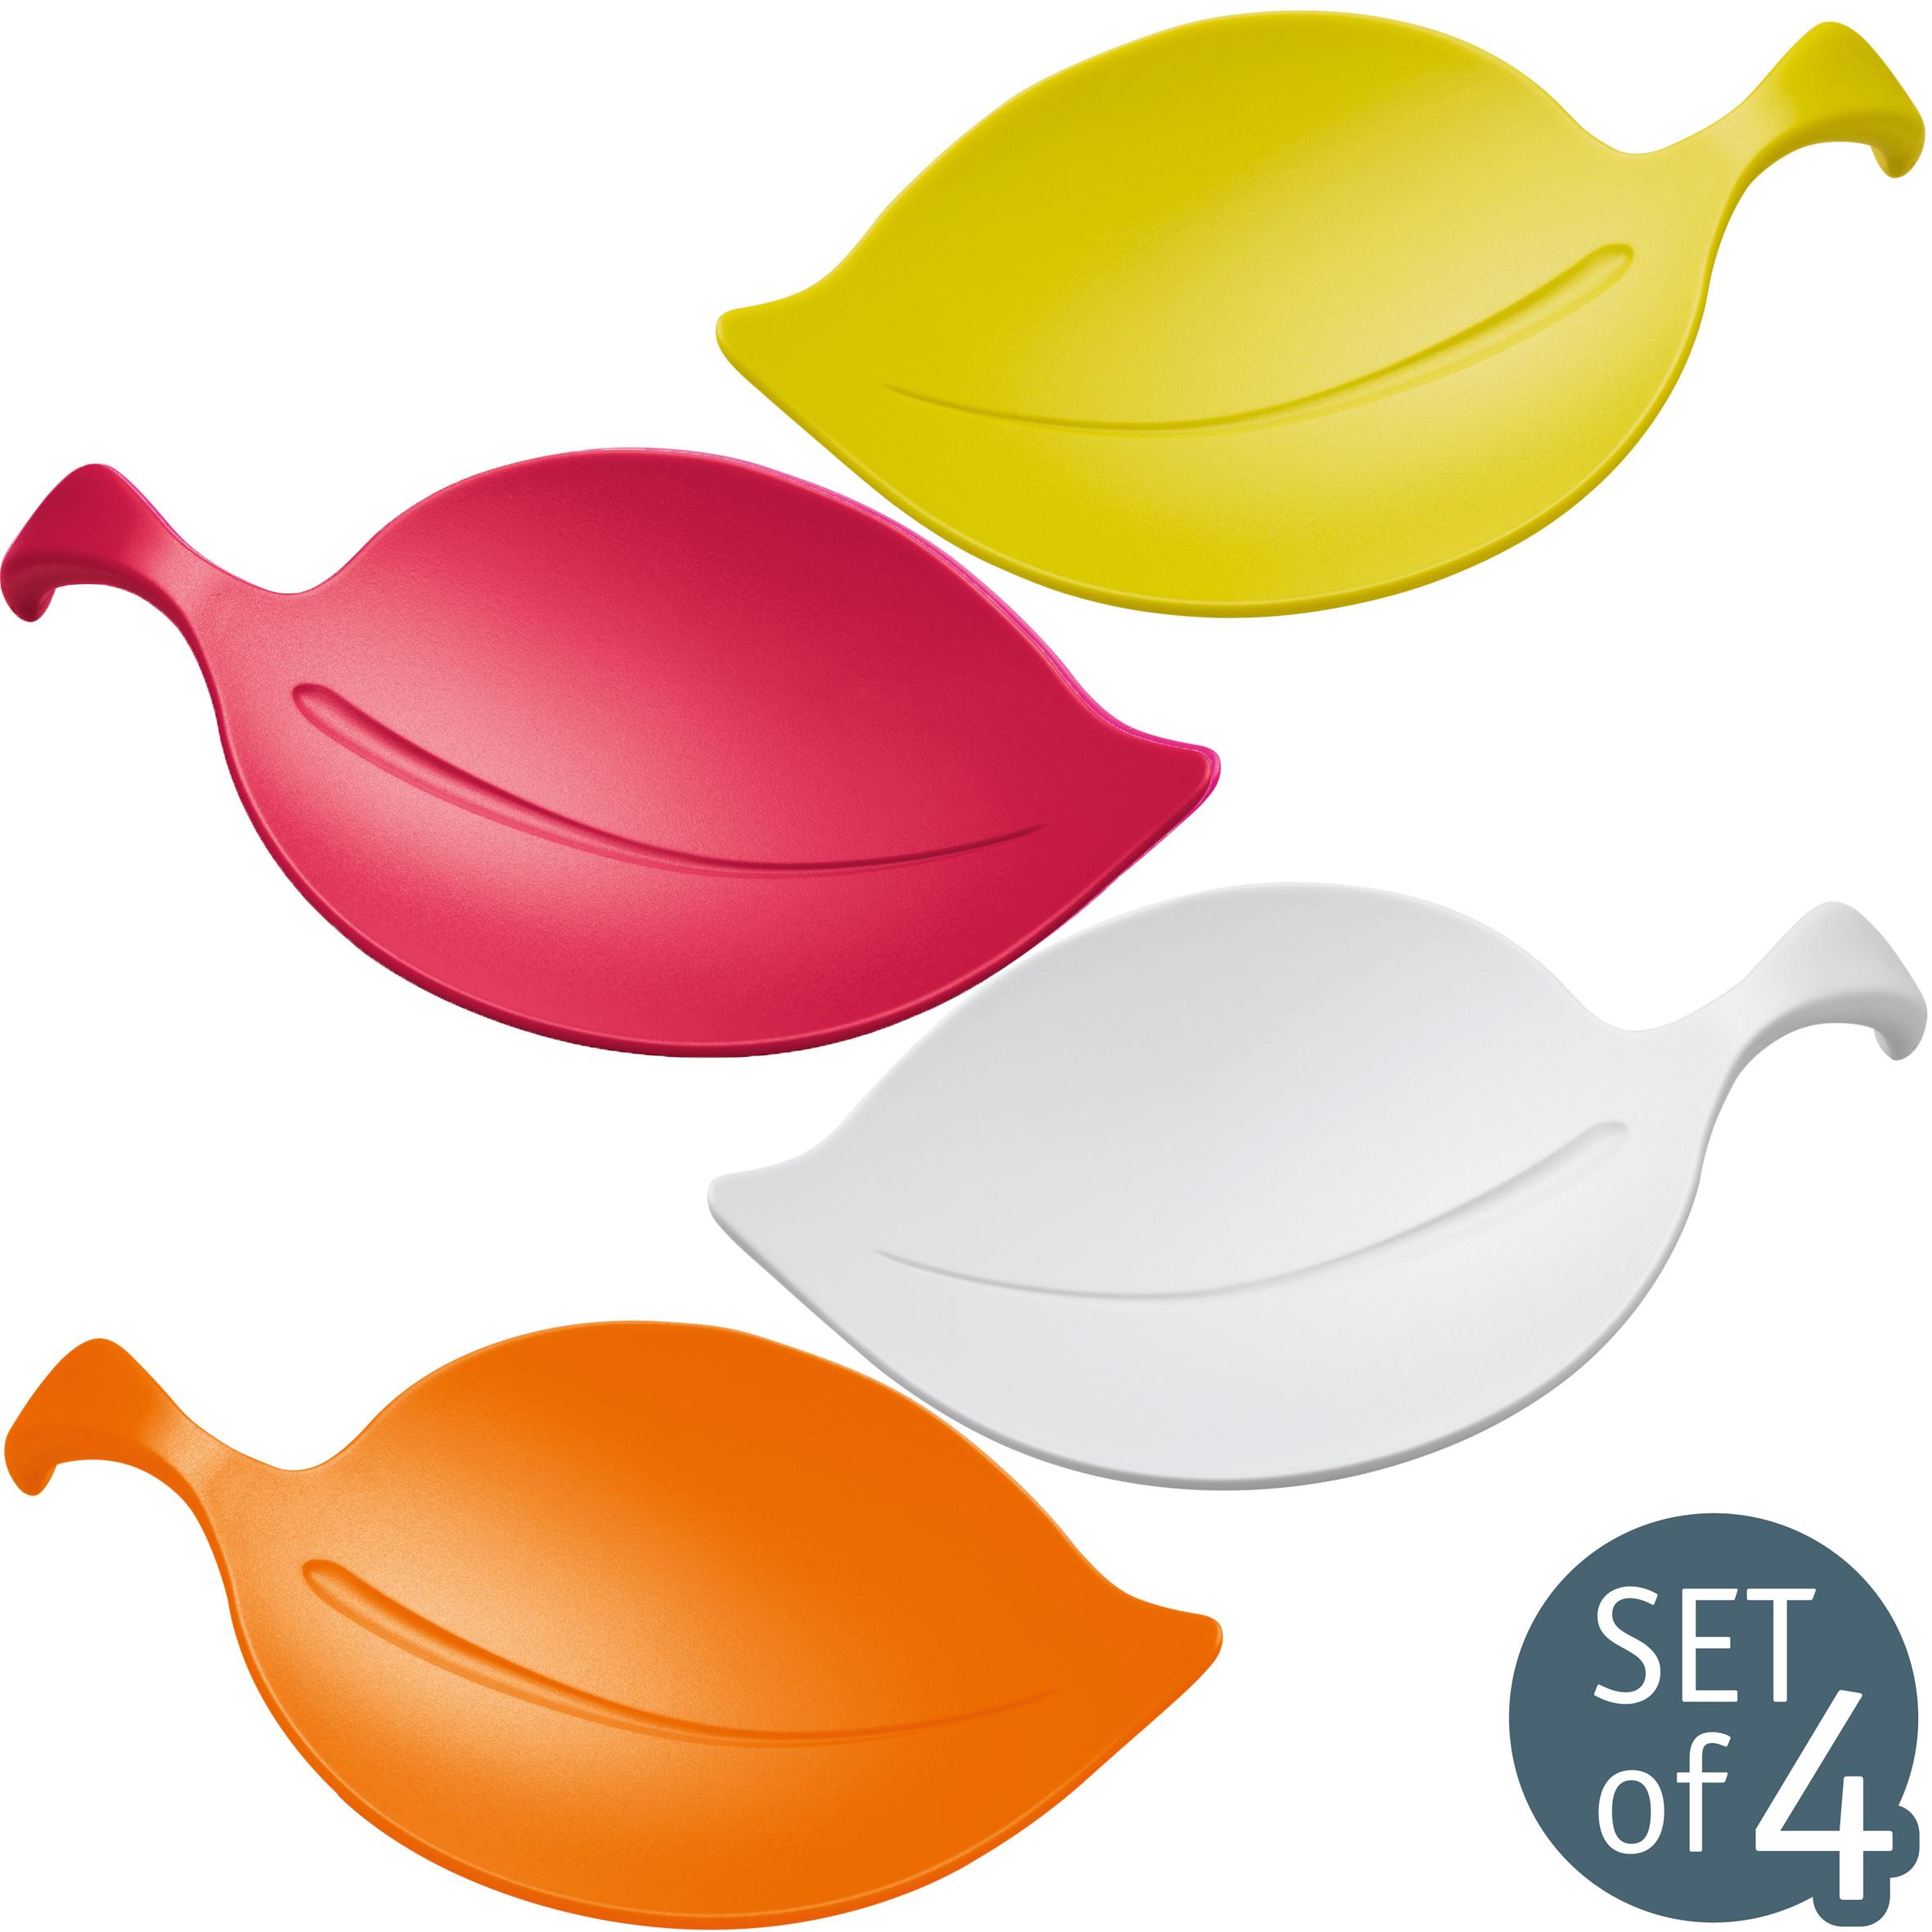 koziol ideas for friends gmbh leaf on bowl set of 4. Black Bedroom Furniture Sets. Home Design Ideas